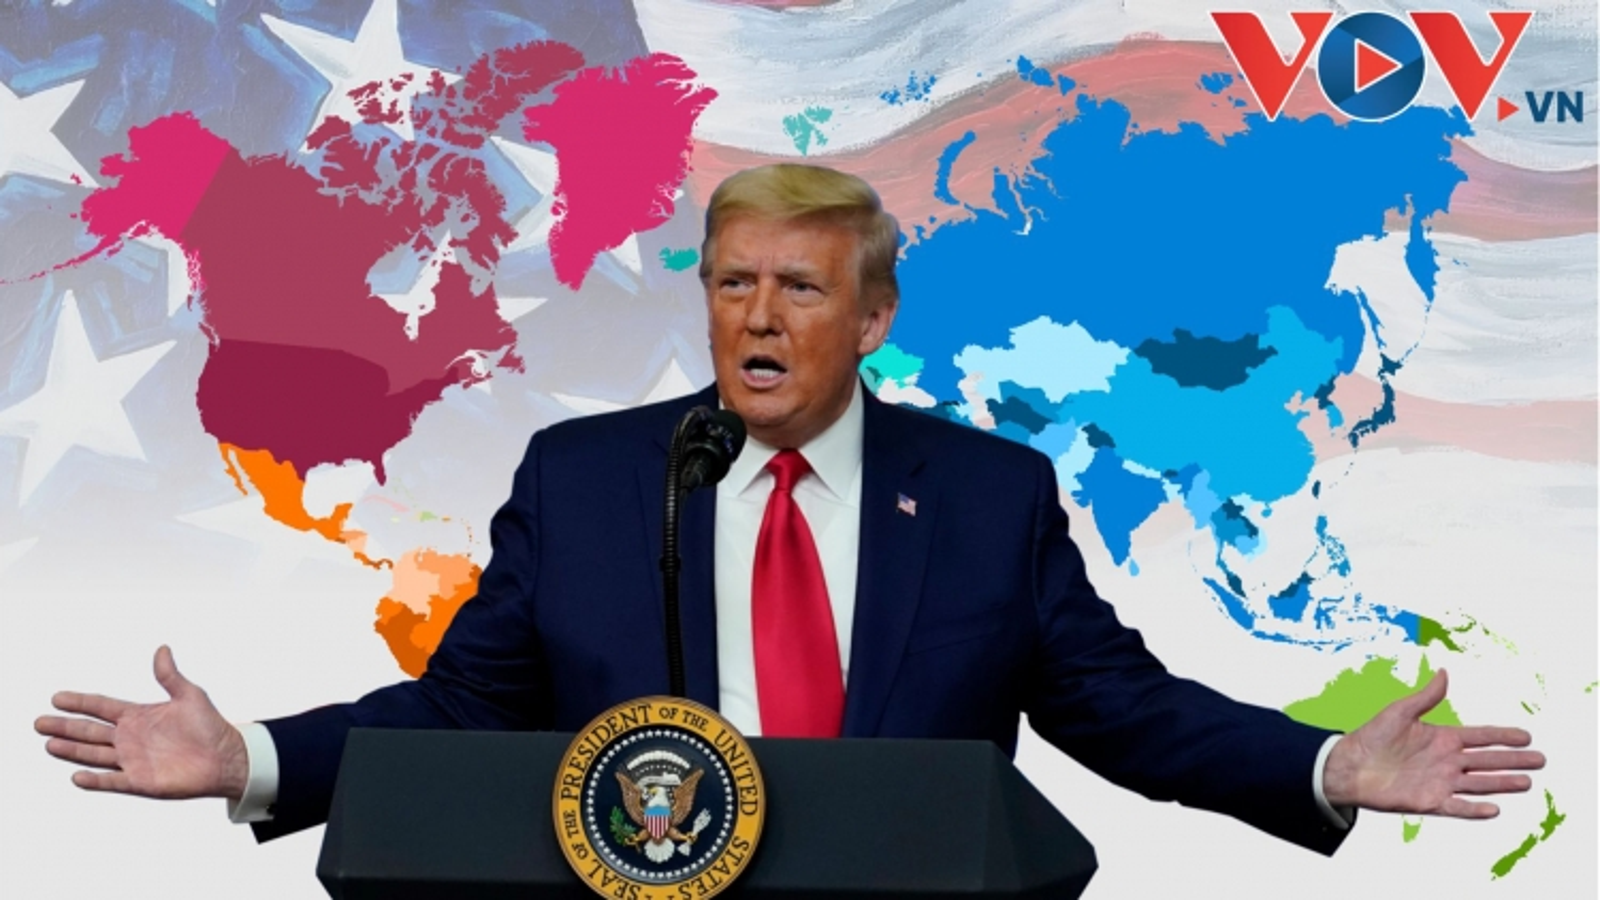 Nhìn lại di sản đối ngoại của Tổng thống Mỹ Donald Trump